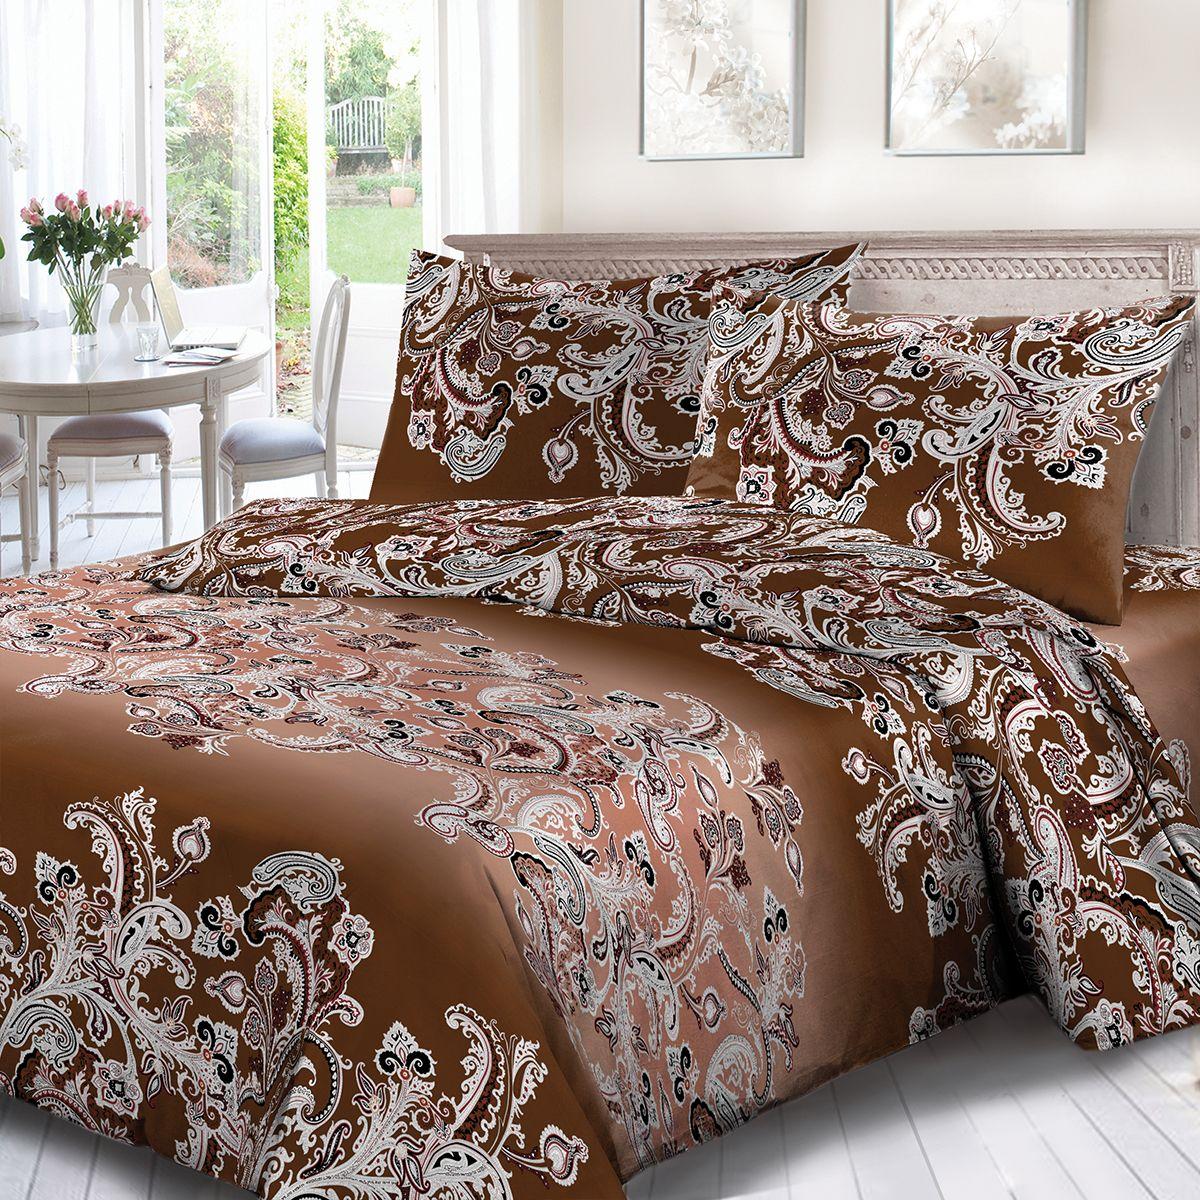 Комплект белья Сорренто Вензели, 2-х спальное, наволочки 70x70, цвет: коричневый. 3889-190236